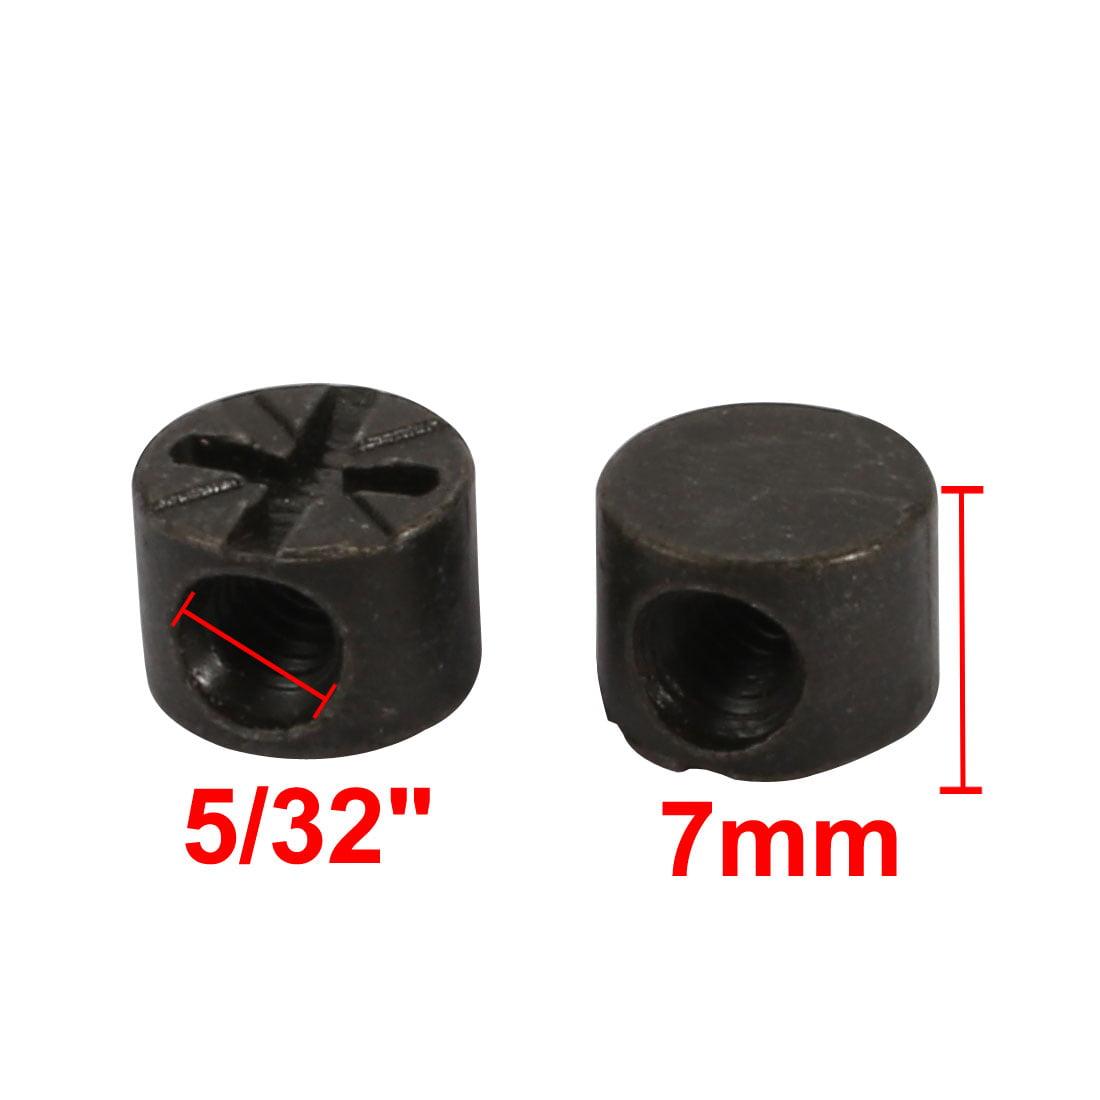 """Unique Bargains 20pcs 5/32"""" Thread 7mm Length Zinc Alloy Pozidriv Drive Cross Dowel Nut Black - image 2 de 4"""